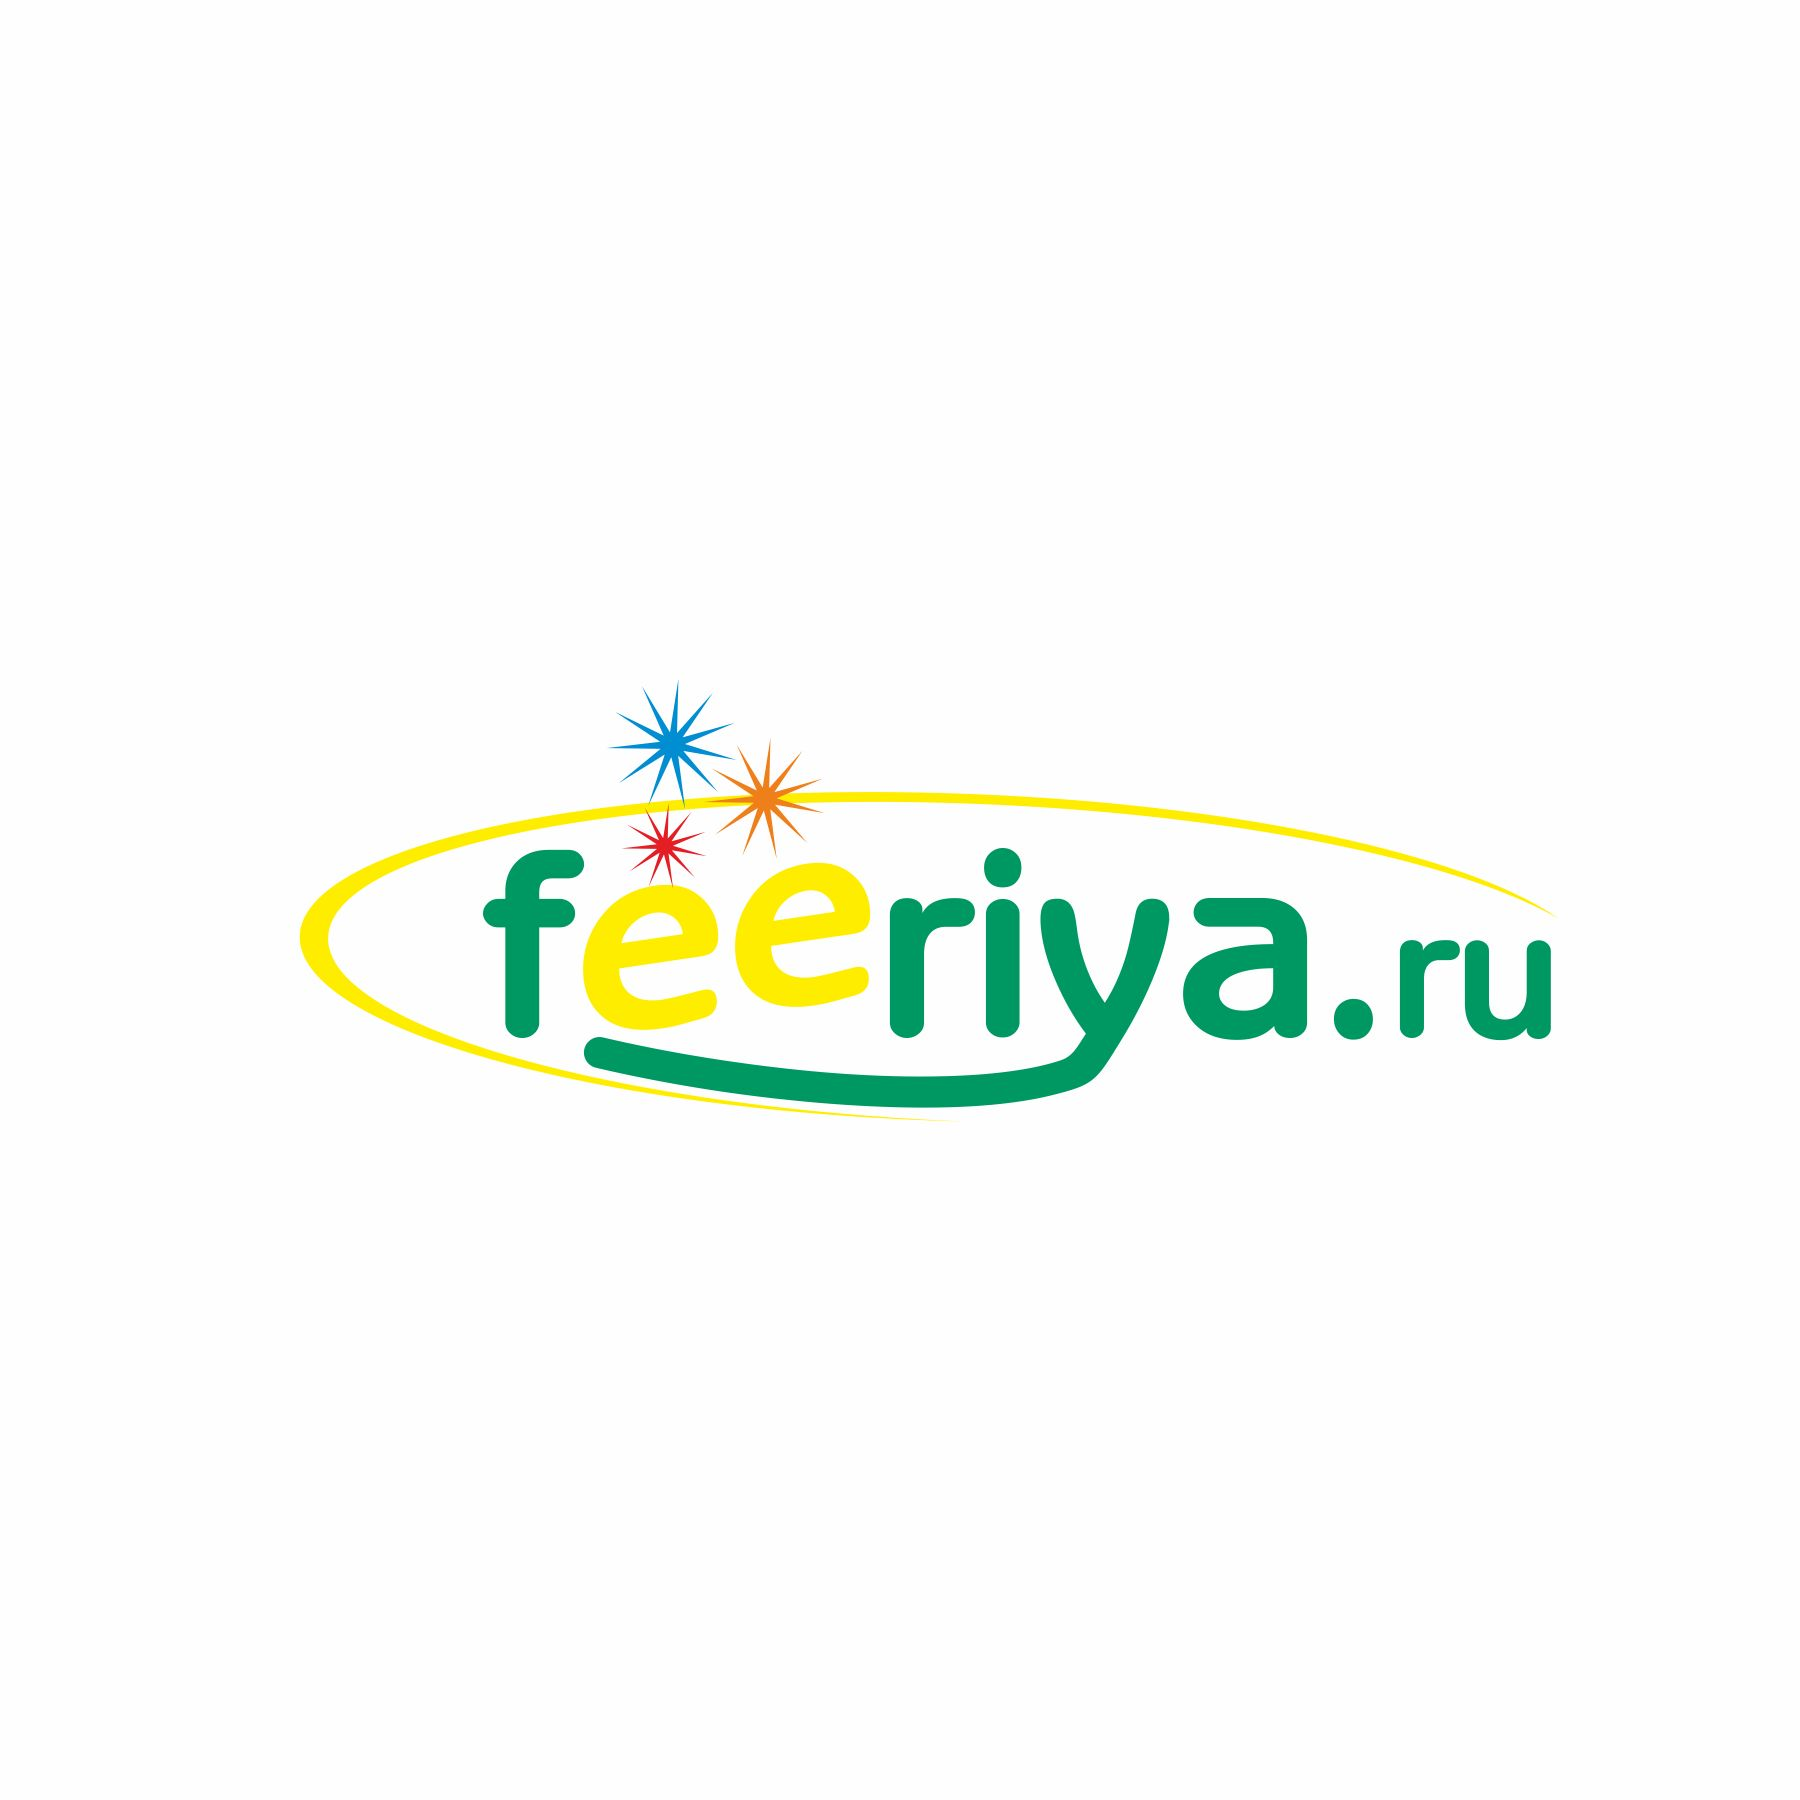 Логотип для feeriya.ru - дизайнер ilim1973